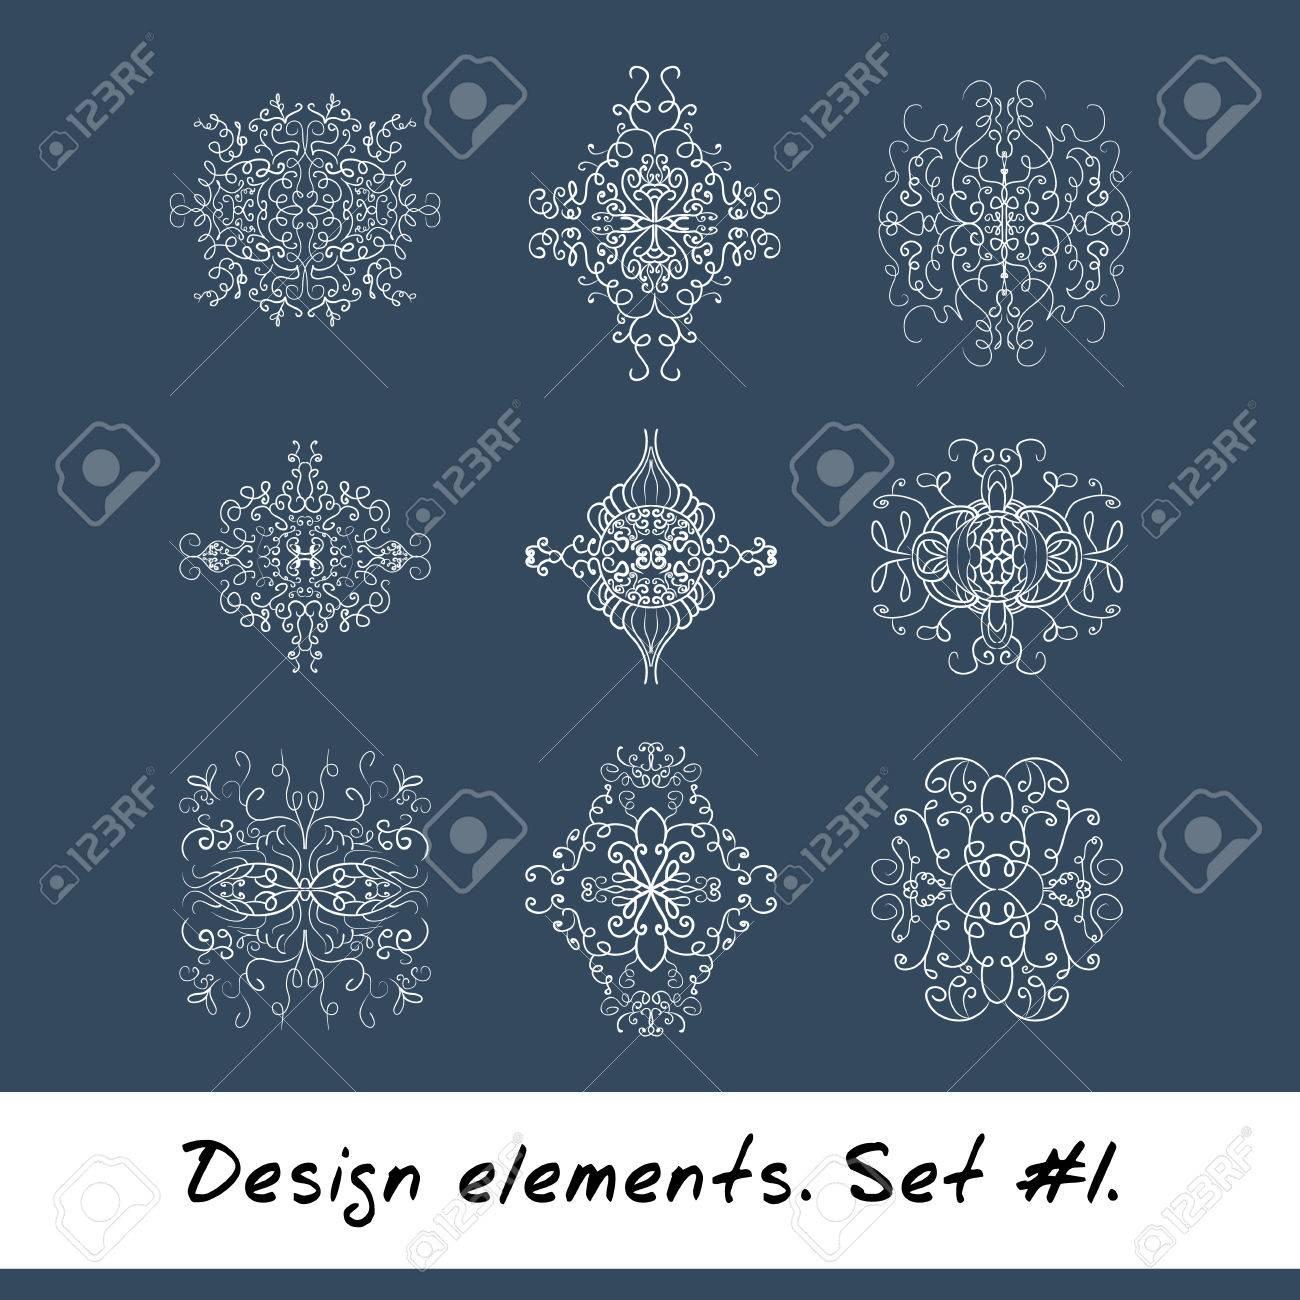 Round Element De Design Modele De Cercle De Couleur Blanche